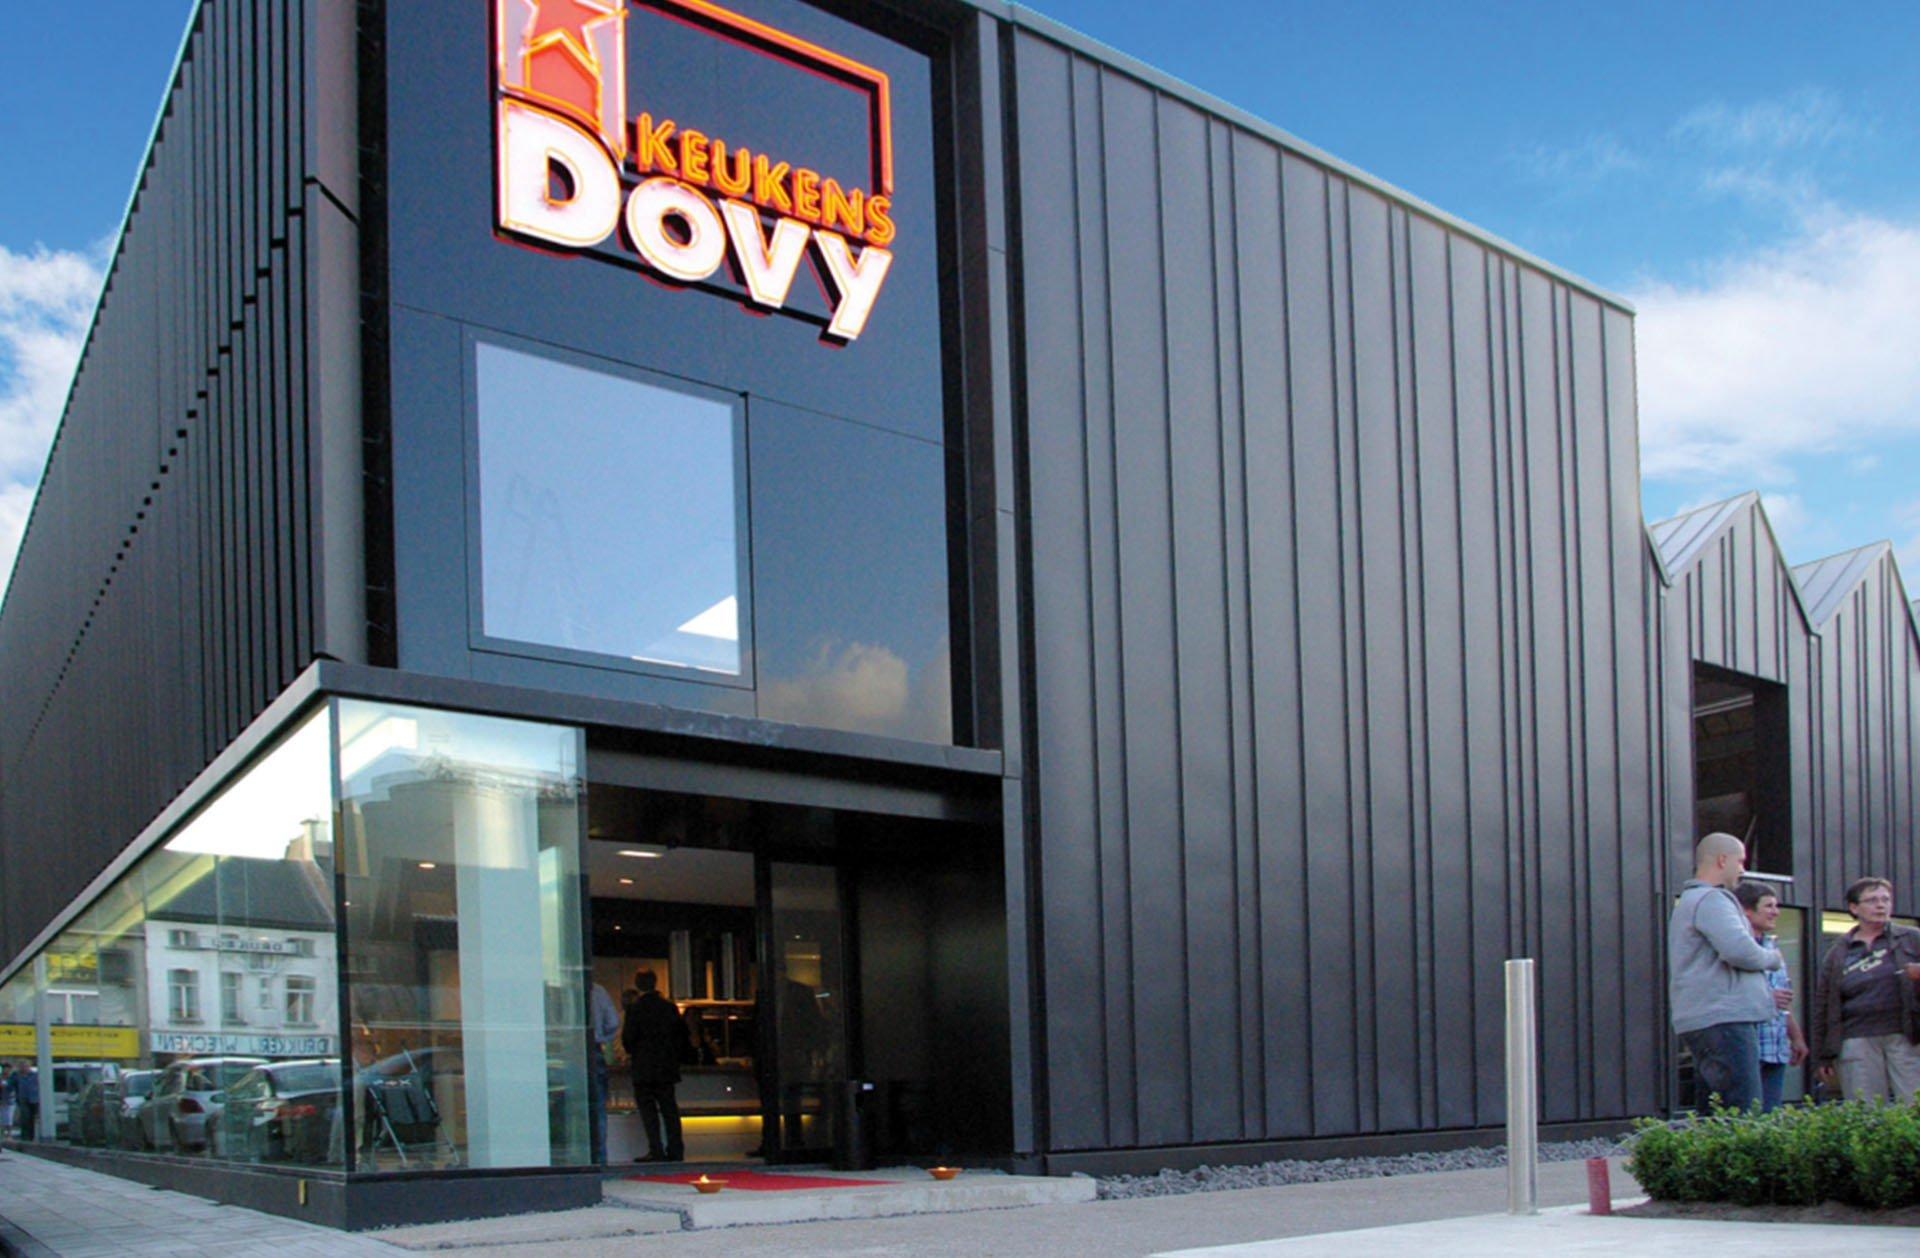 Dovy Keukens Roeselare Adres : Dovy Keukens Aalst Toonzaal bezoeken Dovy keukens